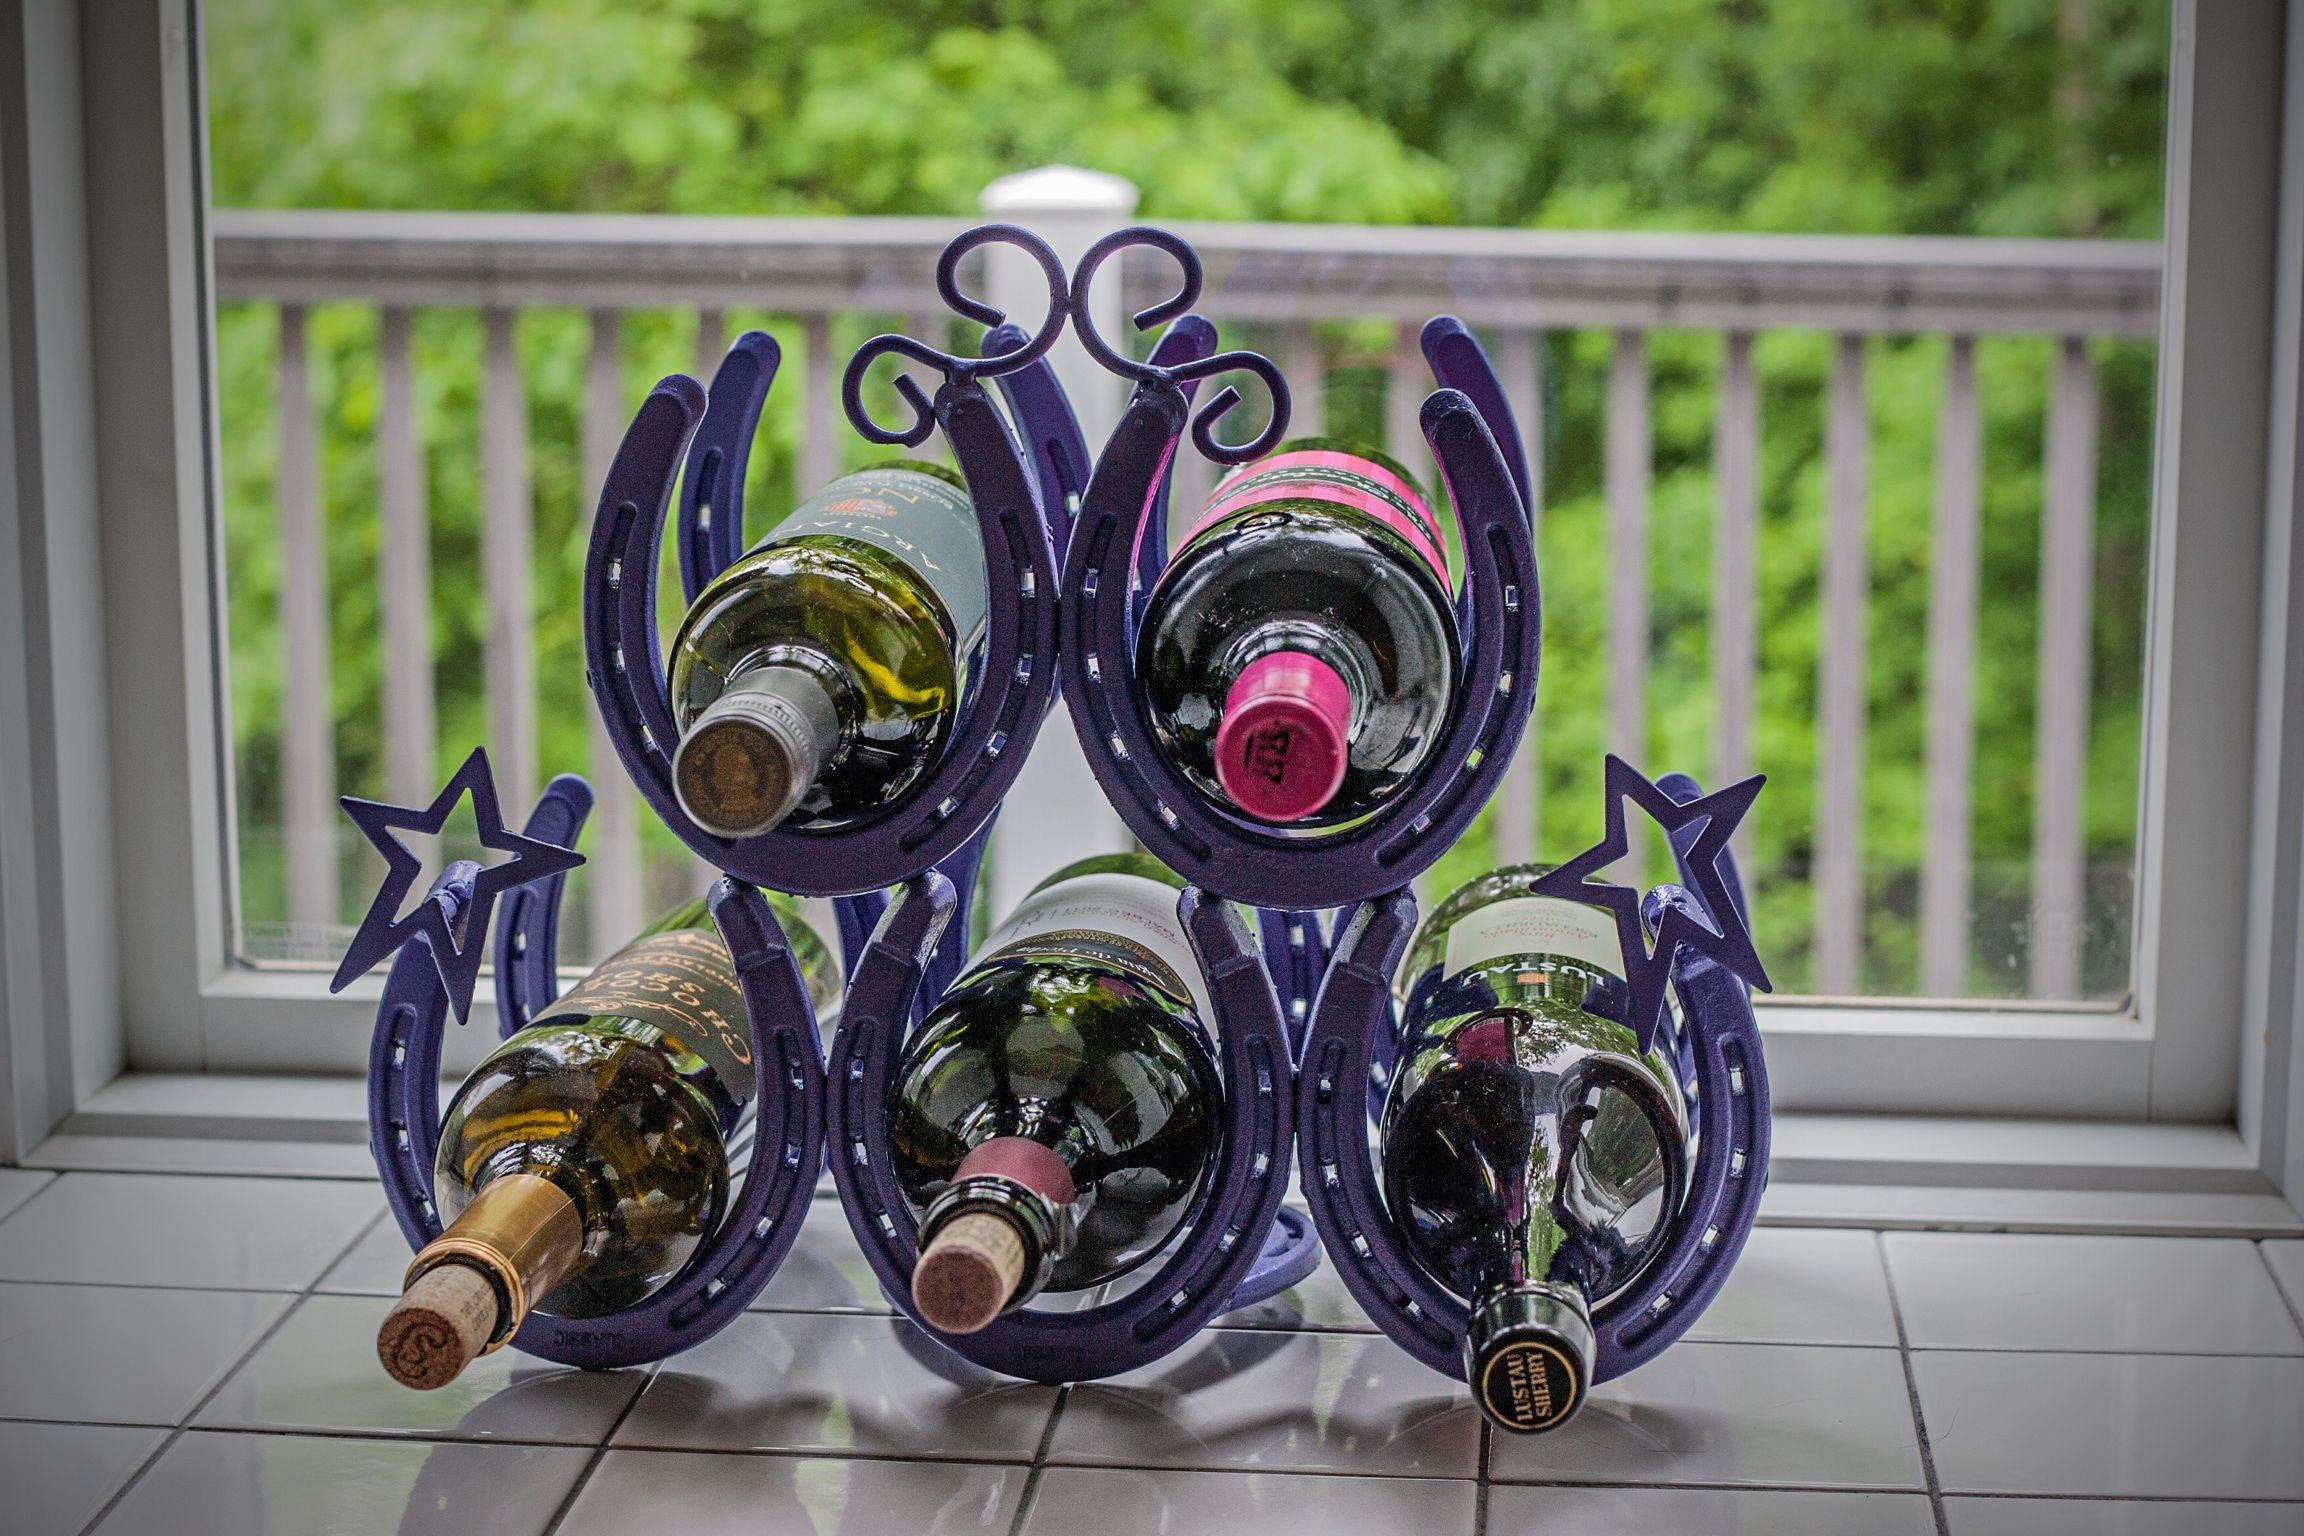 Homemade wine rack crafty ideas pinterest for Easy homemade wine rack